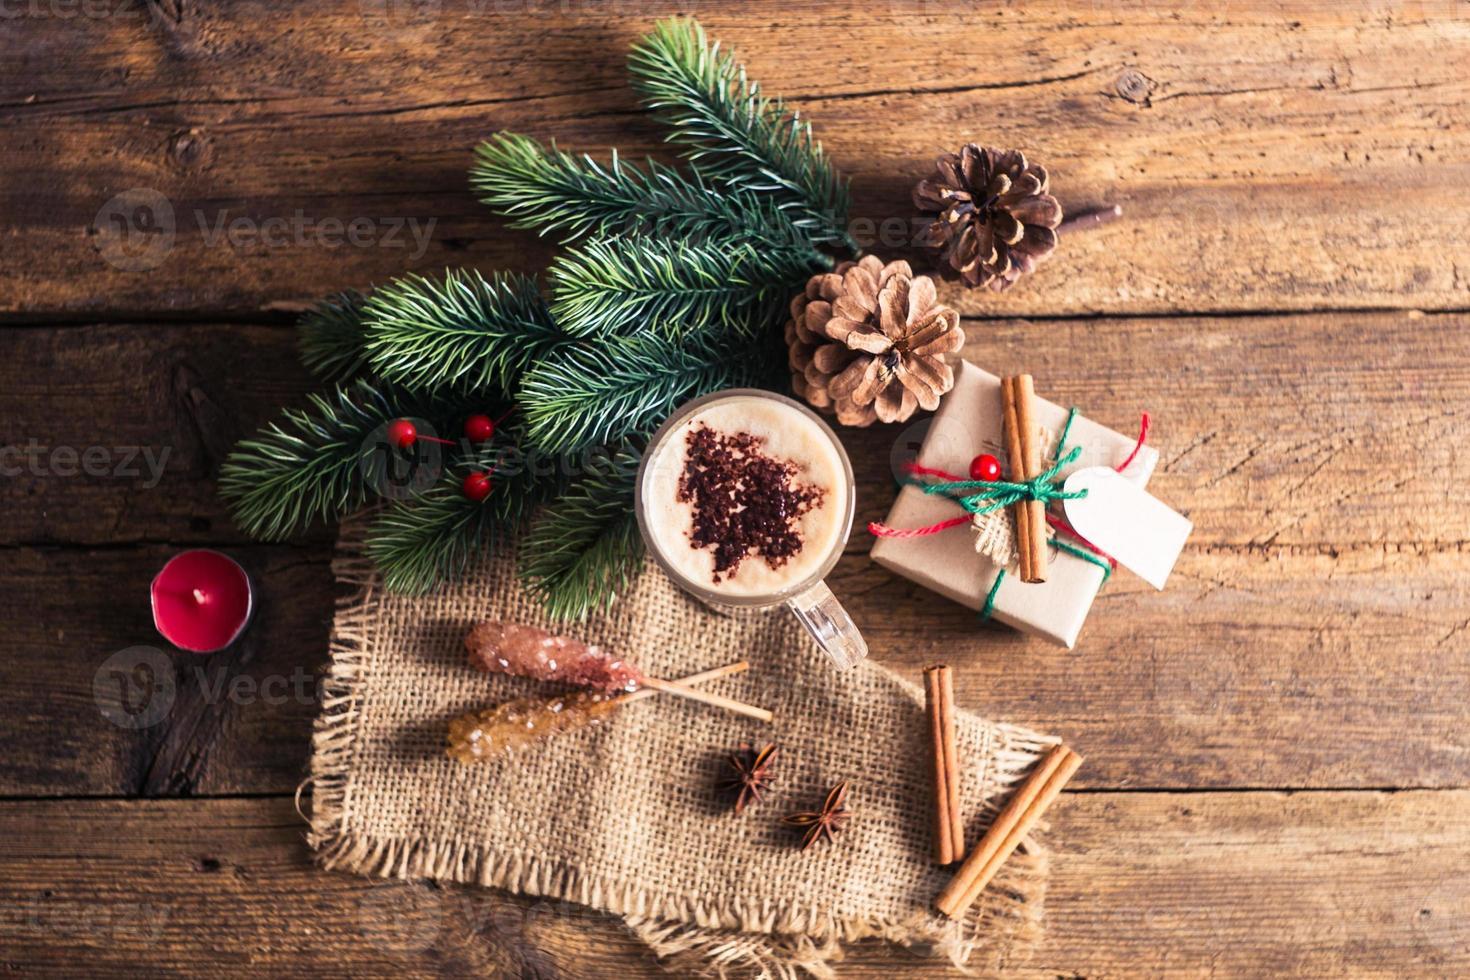 Kakao auf einem Holztisch mit Weihnachtsschmuck, Zweigen, Gewürzen foto